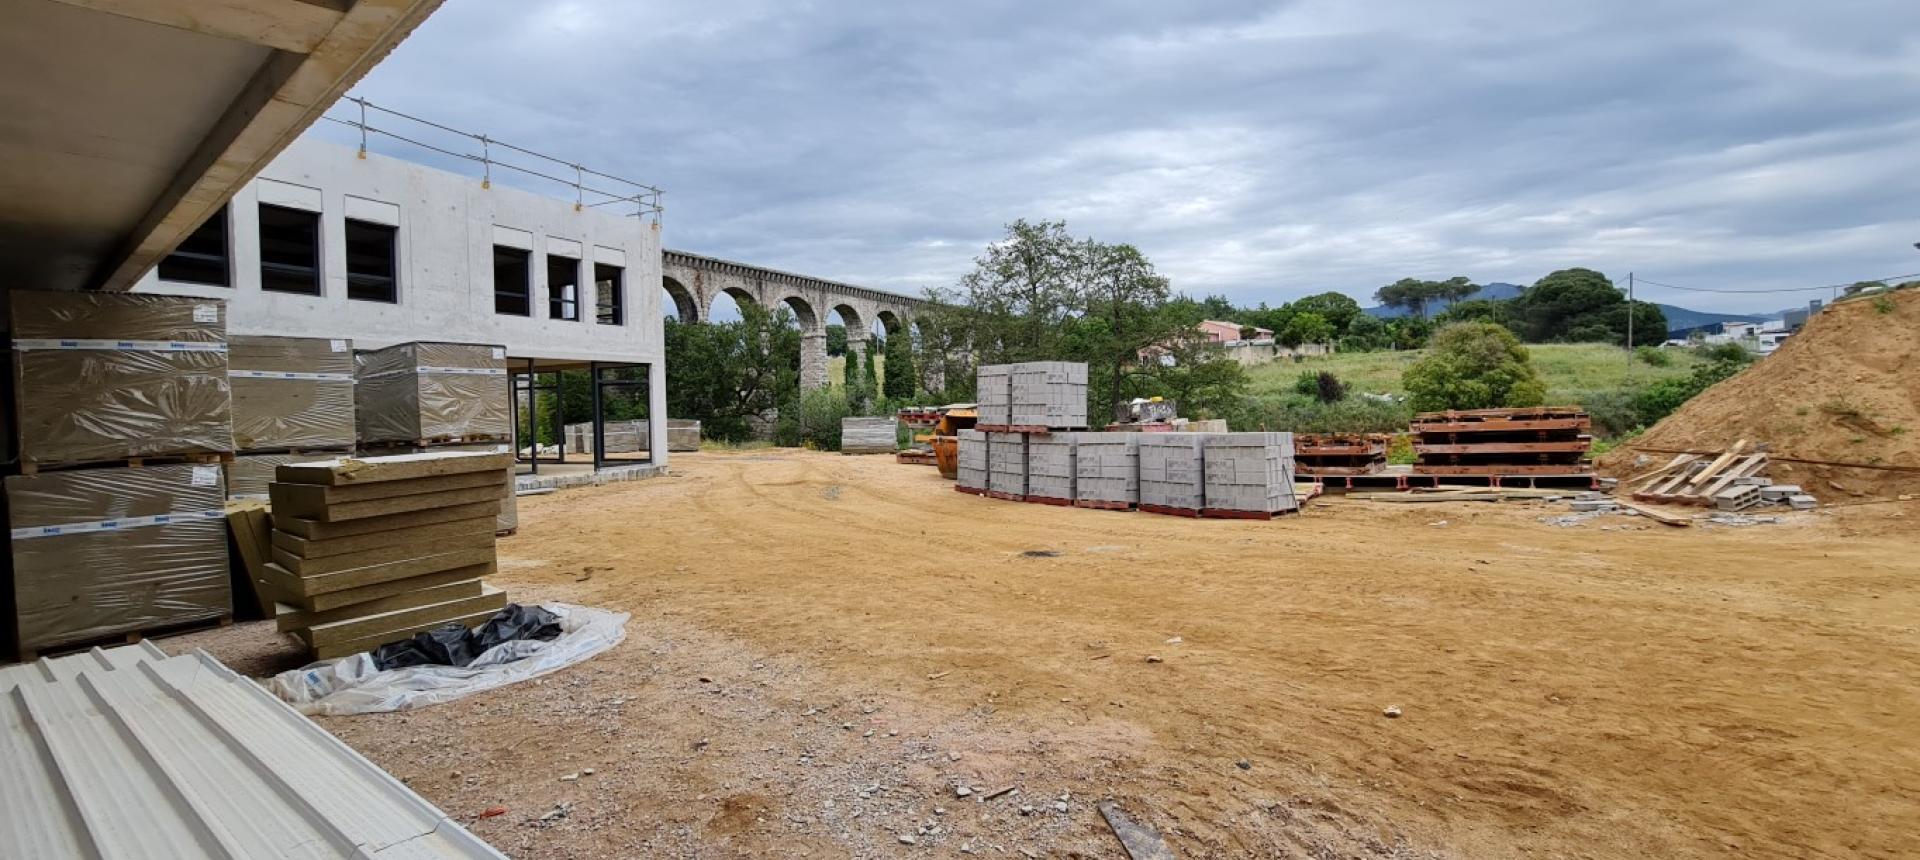 Local à louer Parc activités de  Mezzavia II